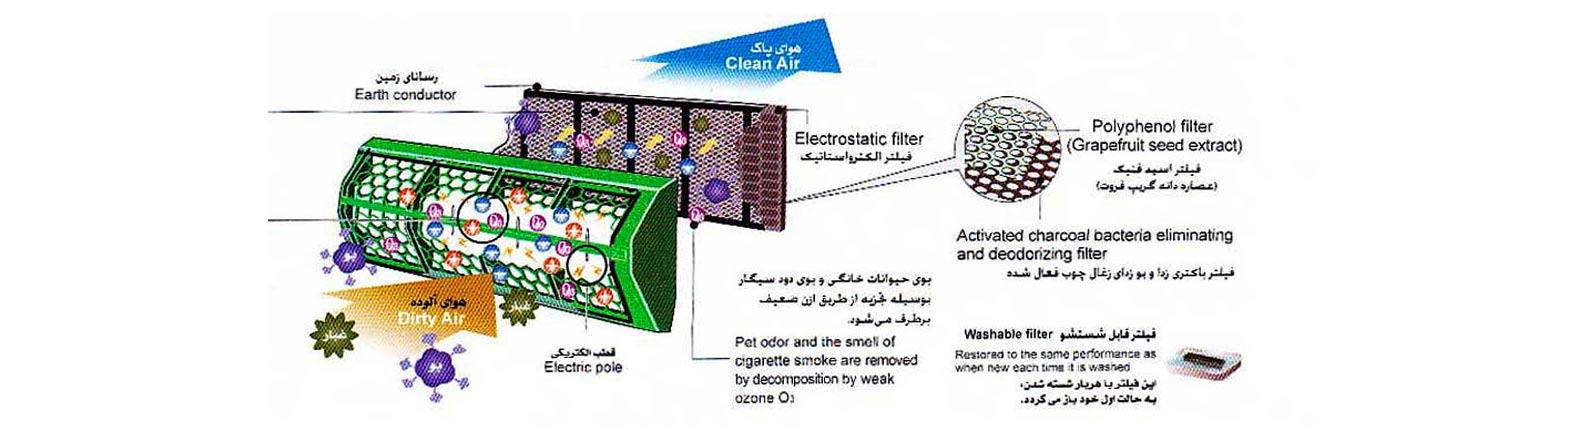 بهره گیری از فیلتر ضد باکتری